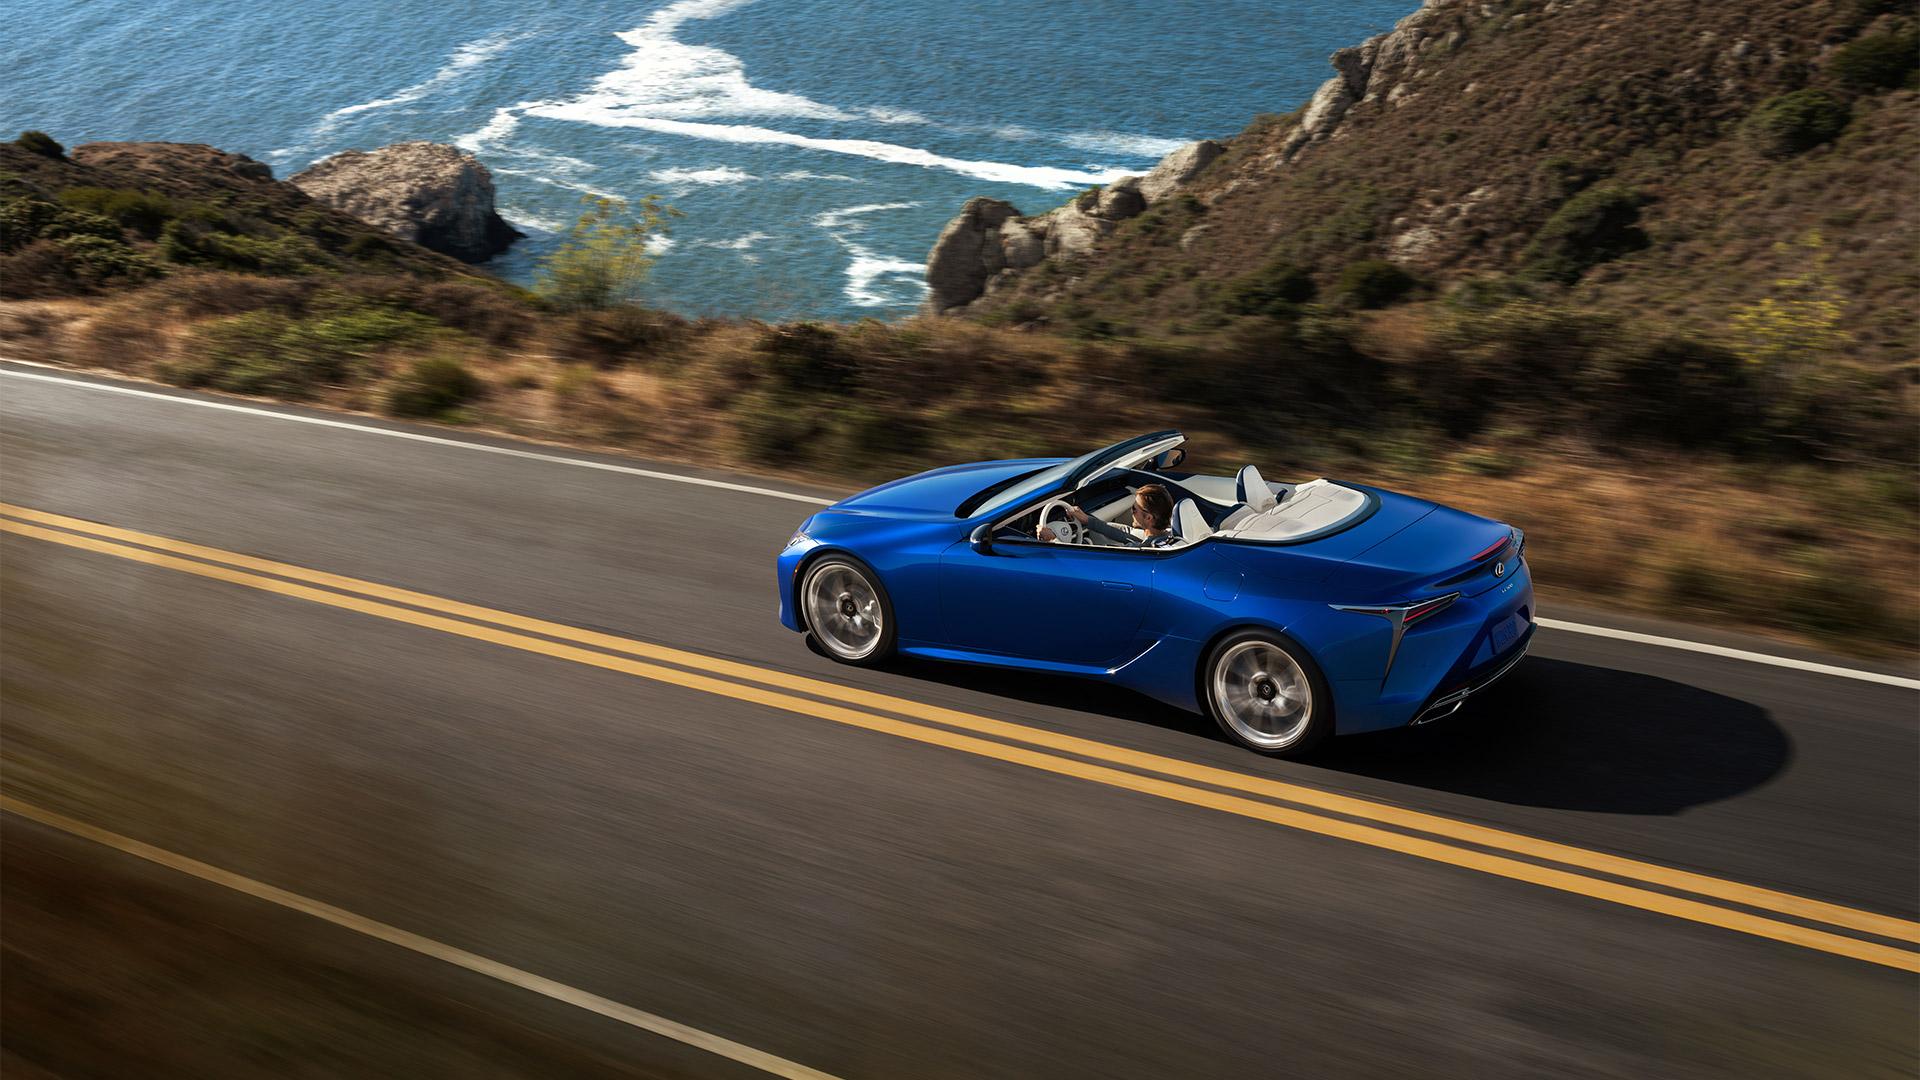 14 2019 027 nieuwe Lexus LC 500 Convertible 1920x1080 galerij